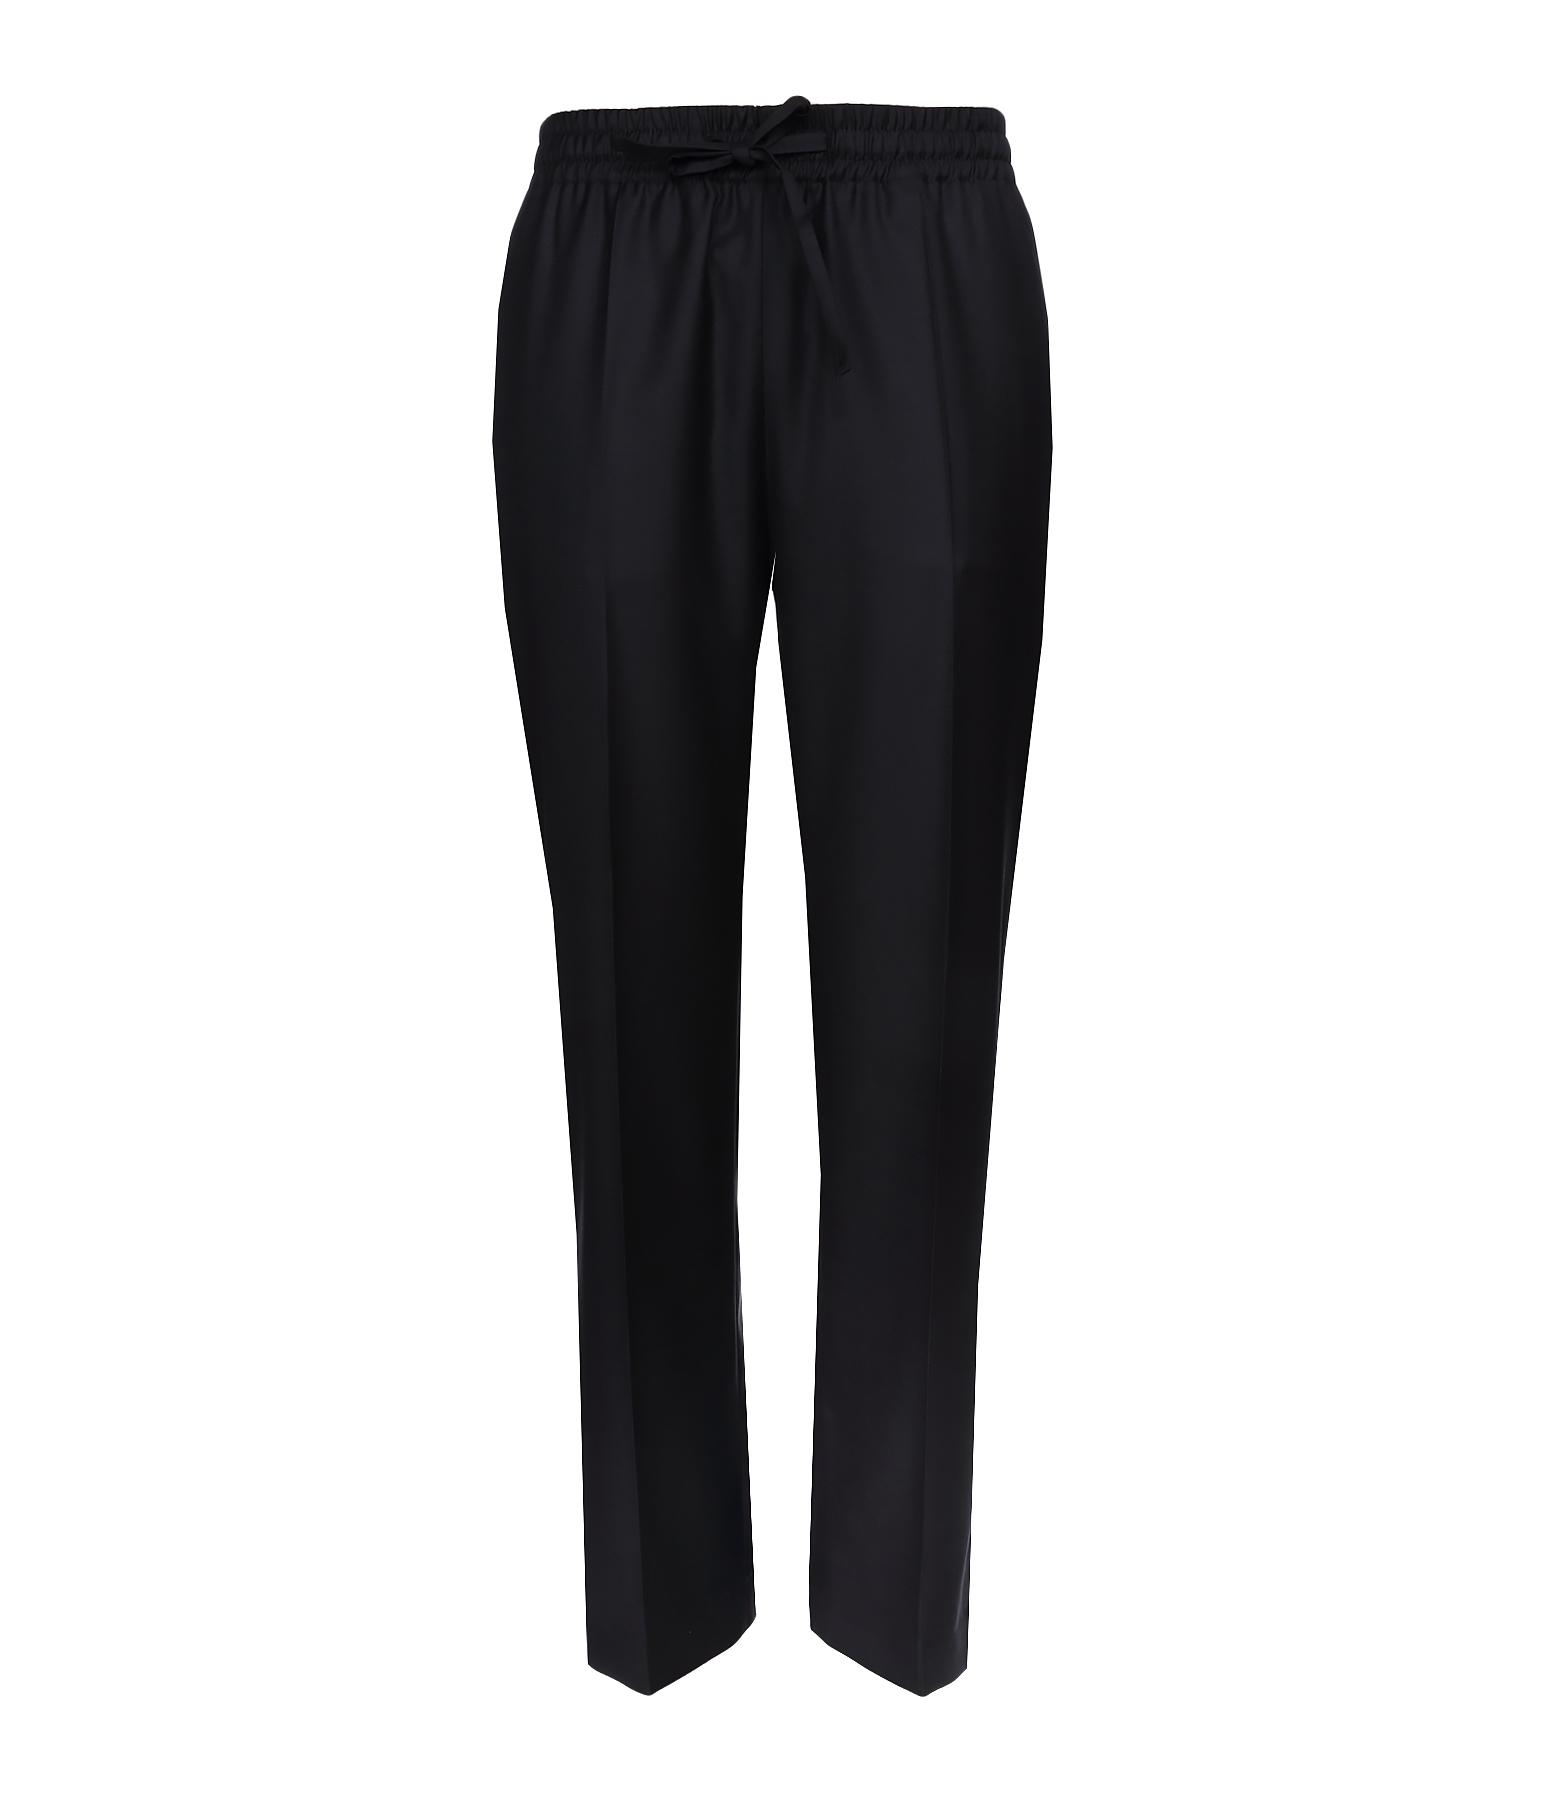 Pantalon Lula Super 100 Laine Noir